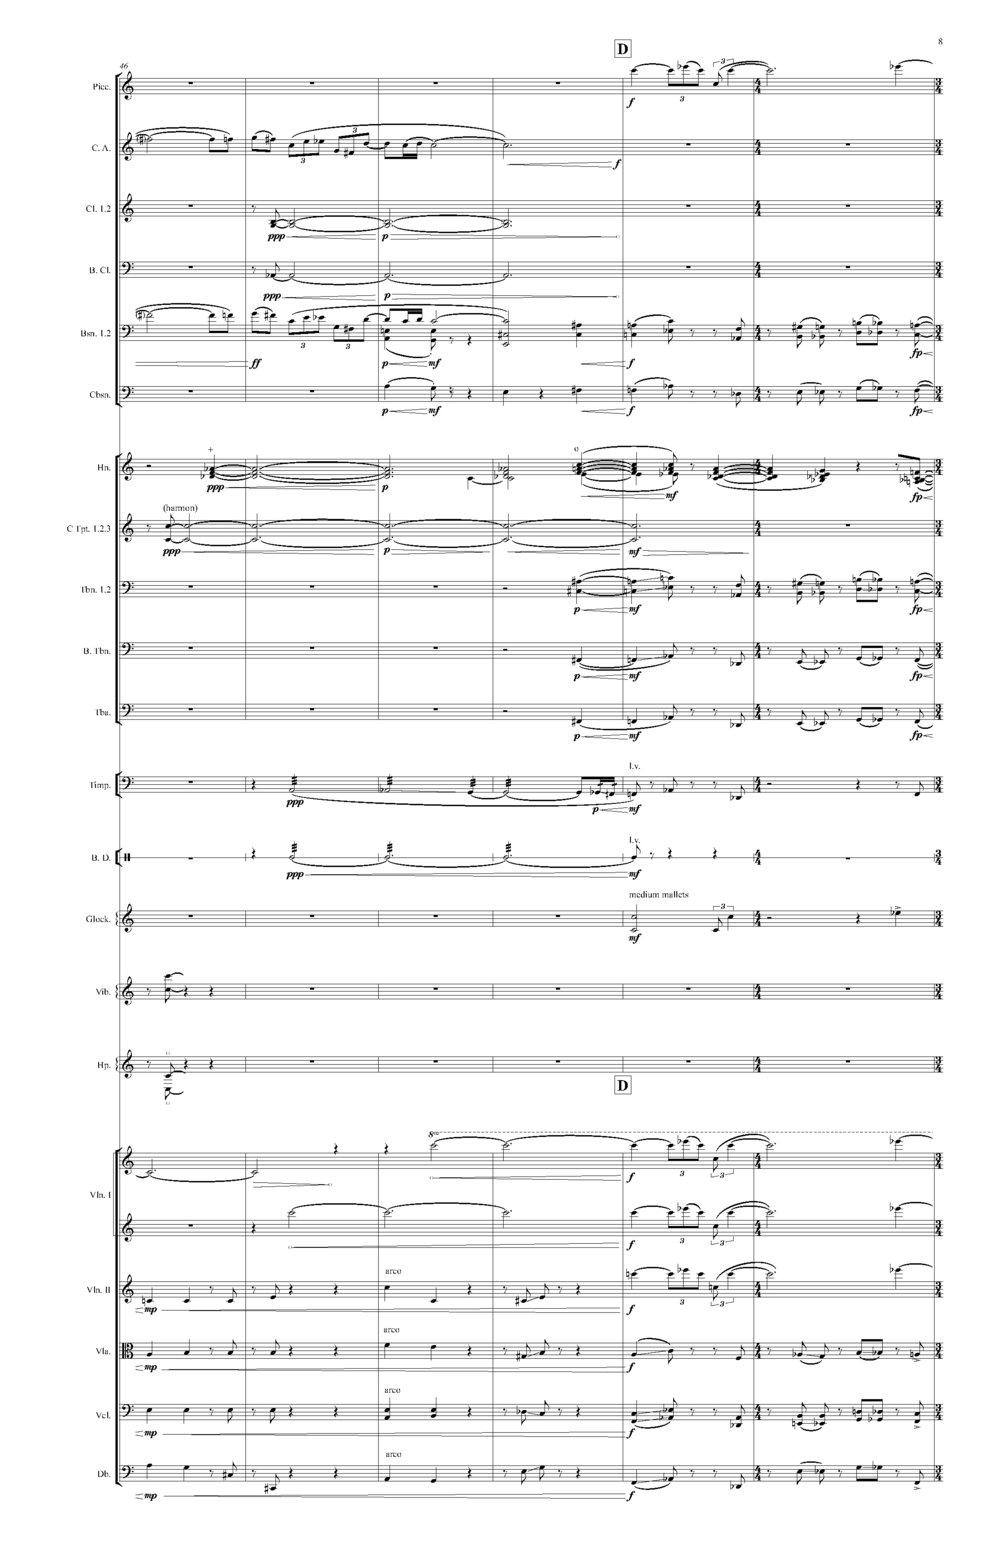 Kolmanskop 4-4-17 score - Full Score_Seite_11.jpg